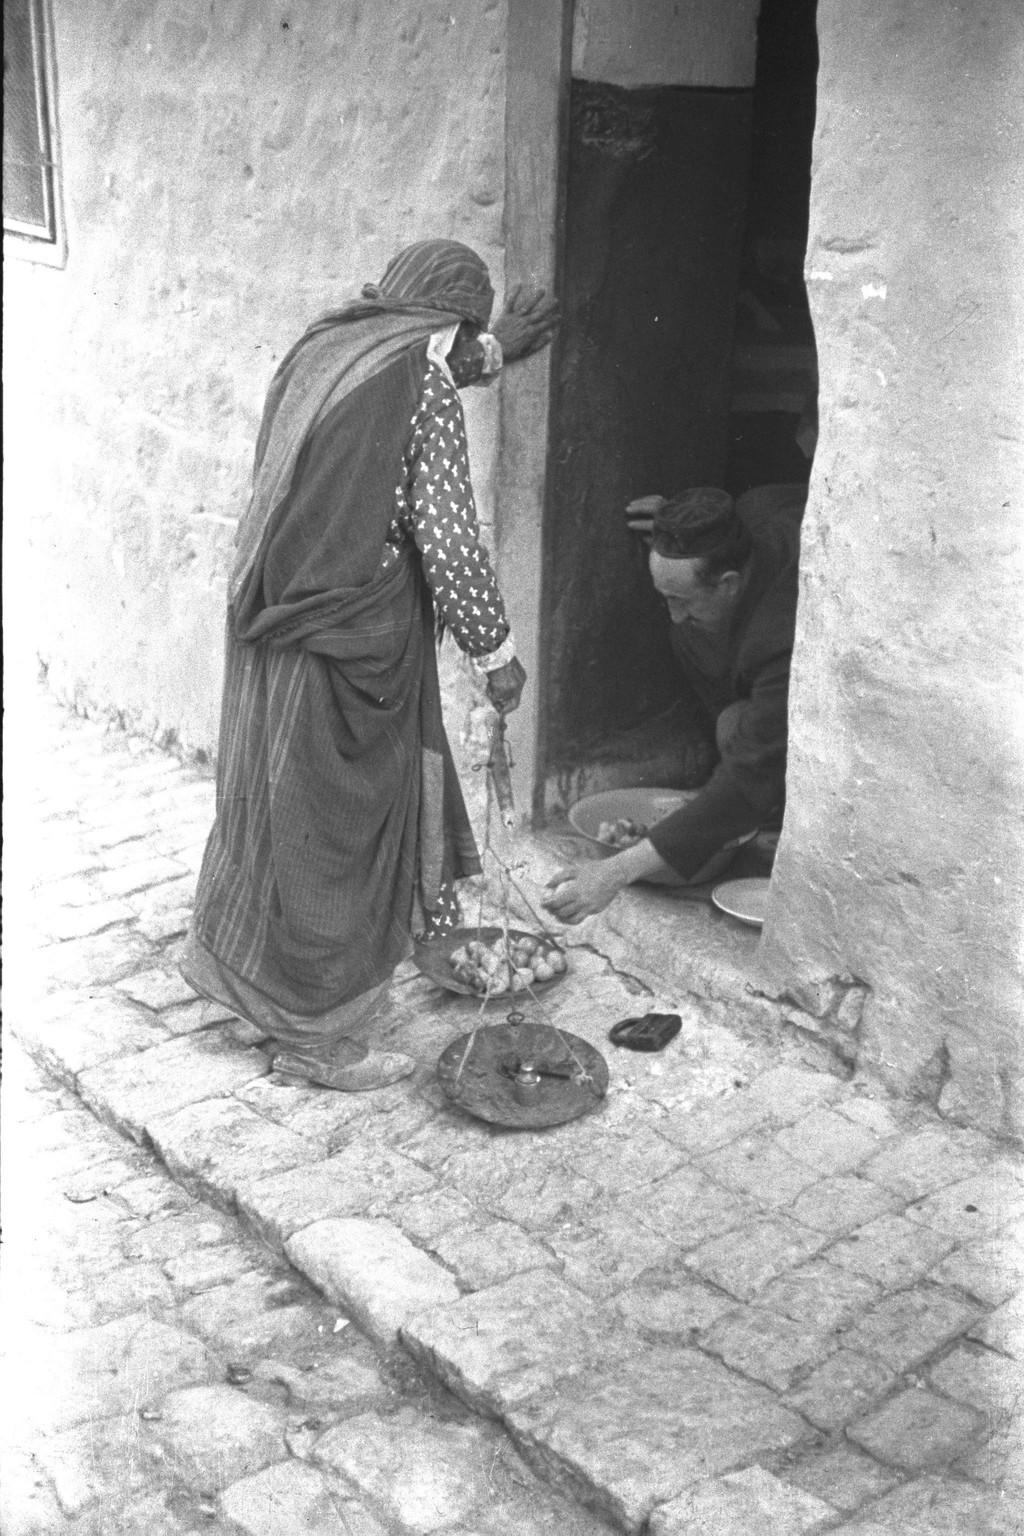 אשה ערביה מוכרת שום בצפת (צילום: הנס פין HANS PIN, לע''מ)